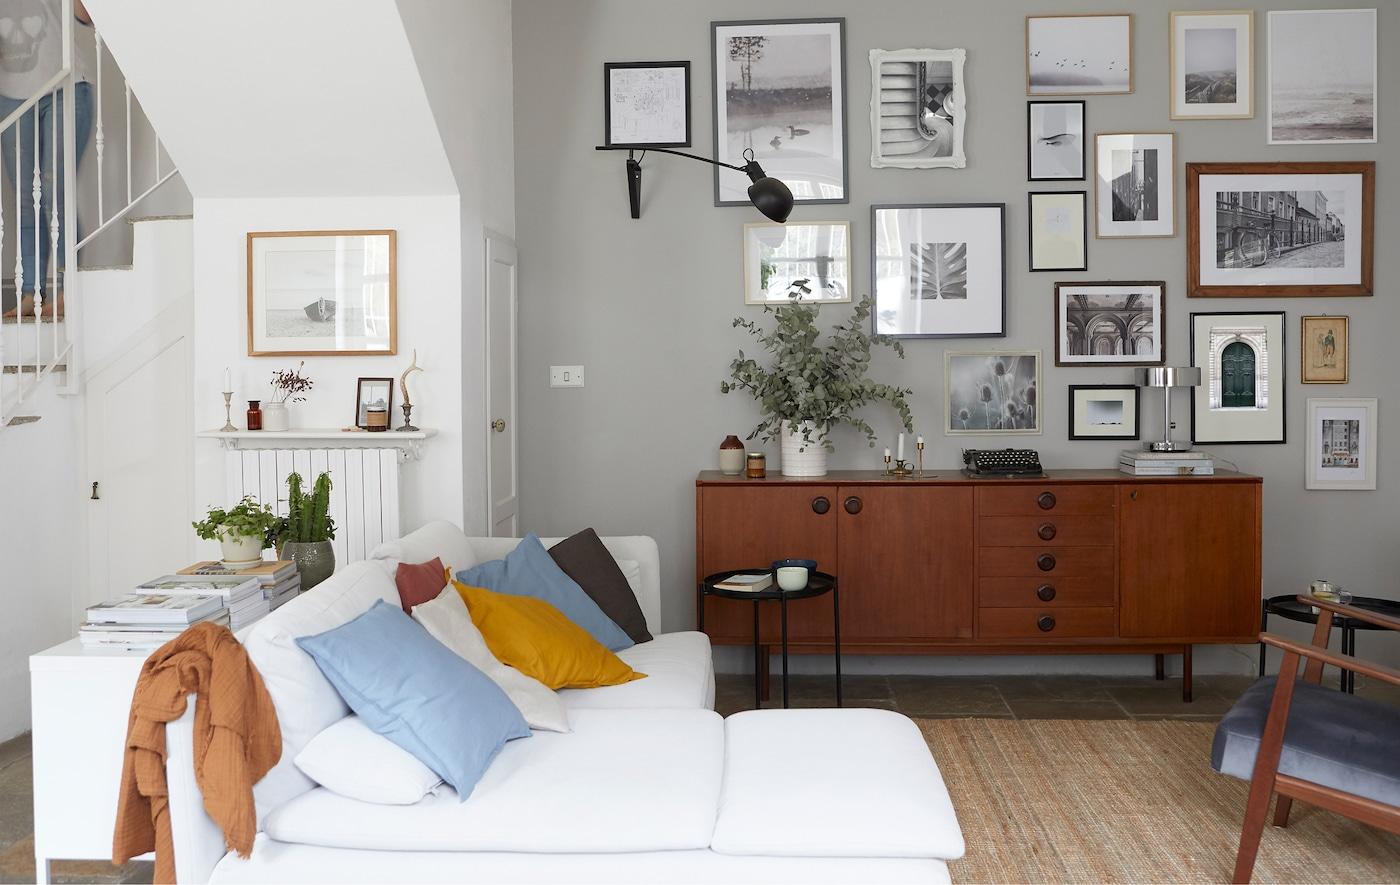 Uma sala com um sofá de canto em branco, um aparador em madeira escura e uma galeria de imagens na parede.